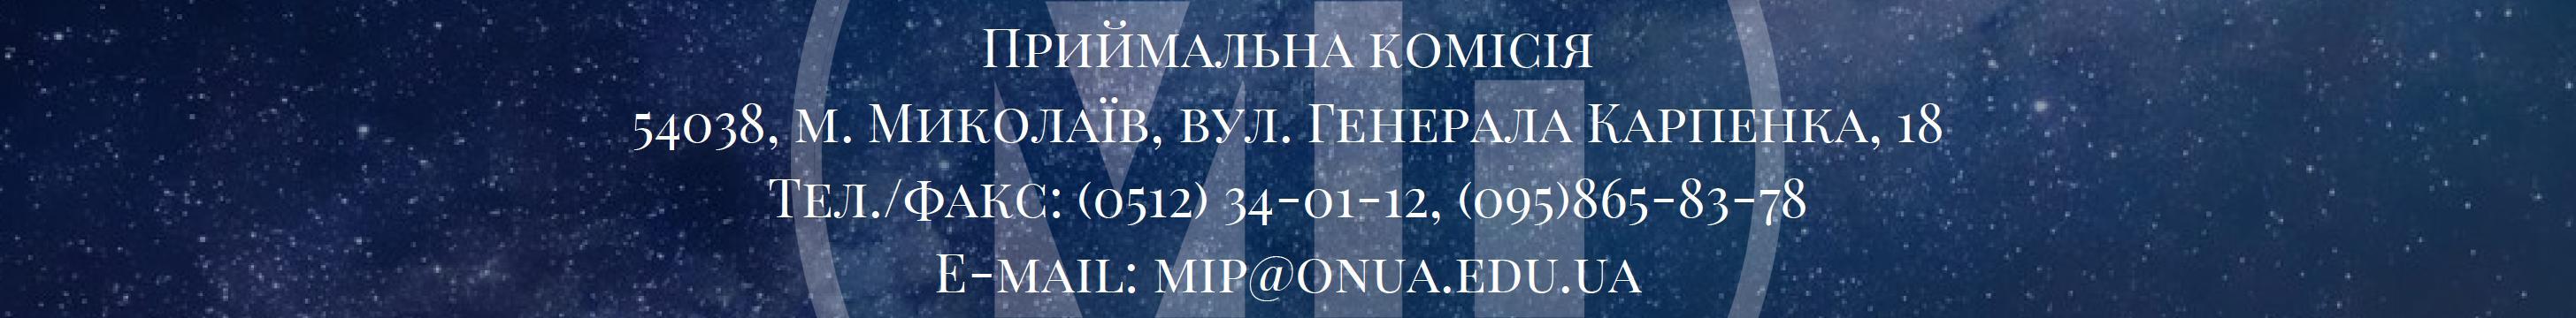 Миколаївський інститут права Національного університету _Одеська юридична академія_ (1) - 0002